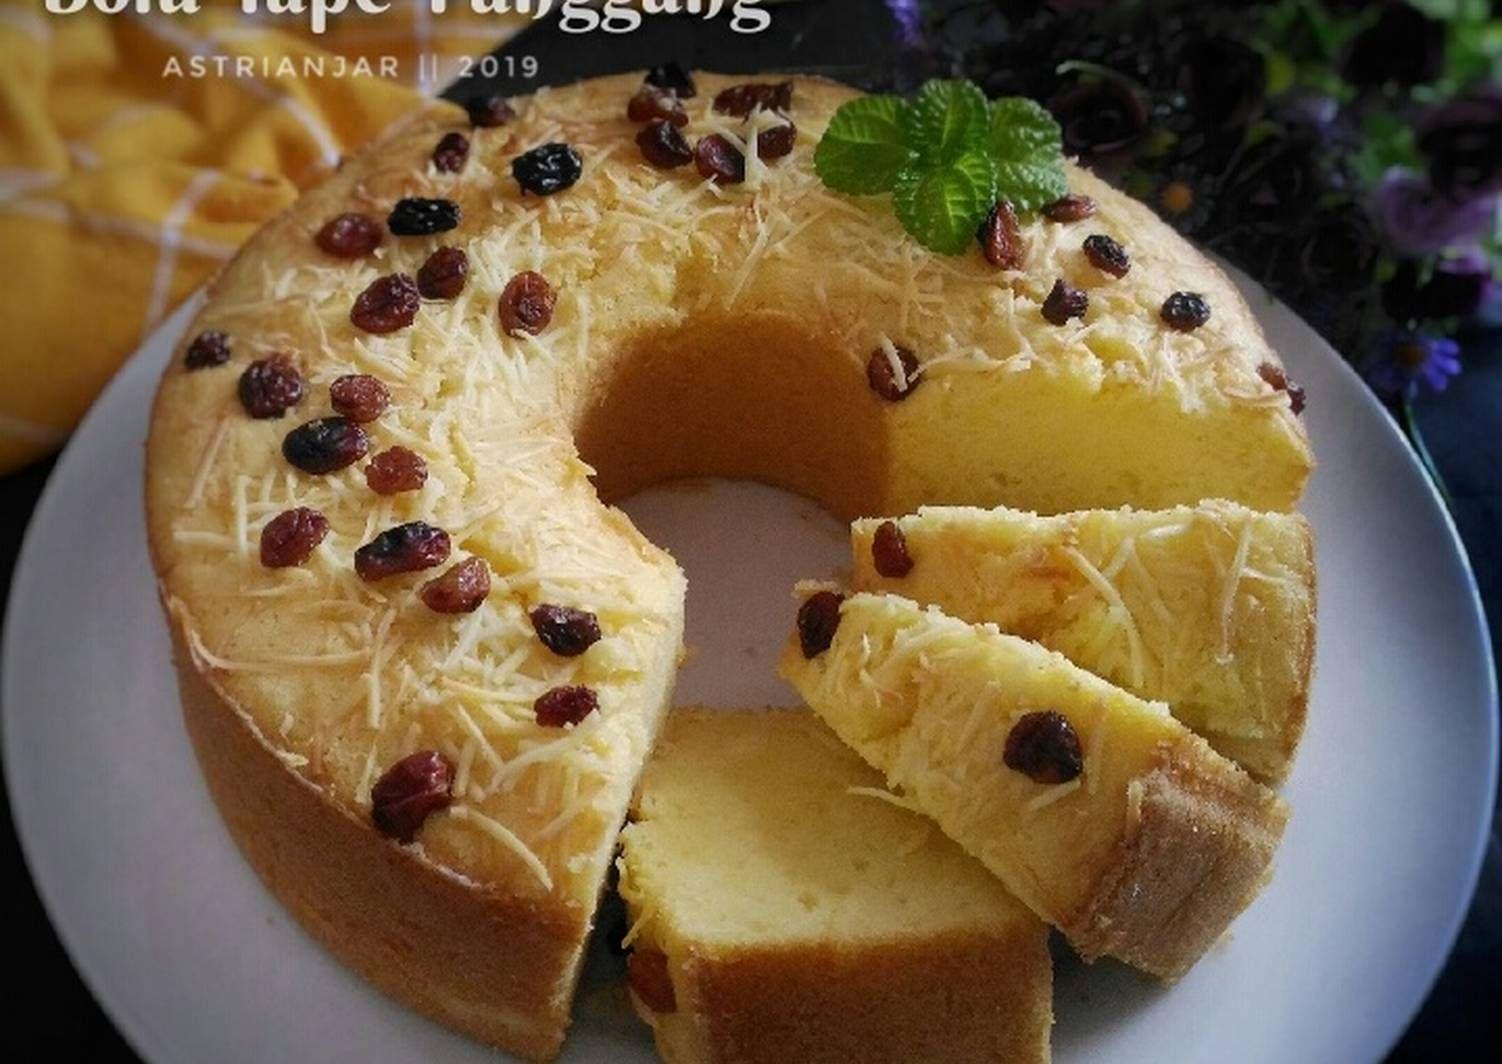 Resep Bolu Tape Panggang Oleh Astri Anjar Resep Resep Kue Panggang